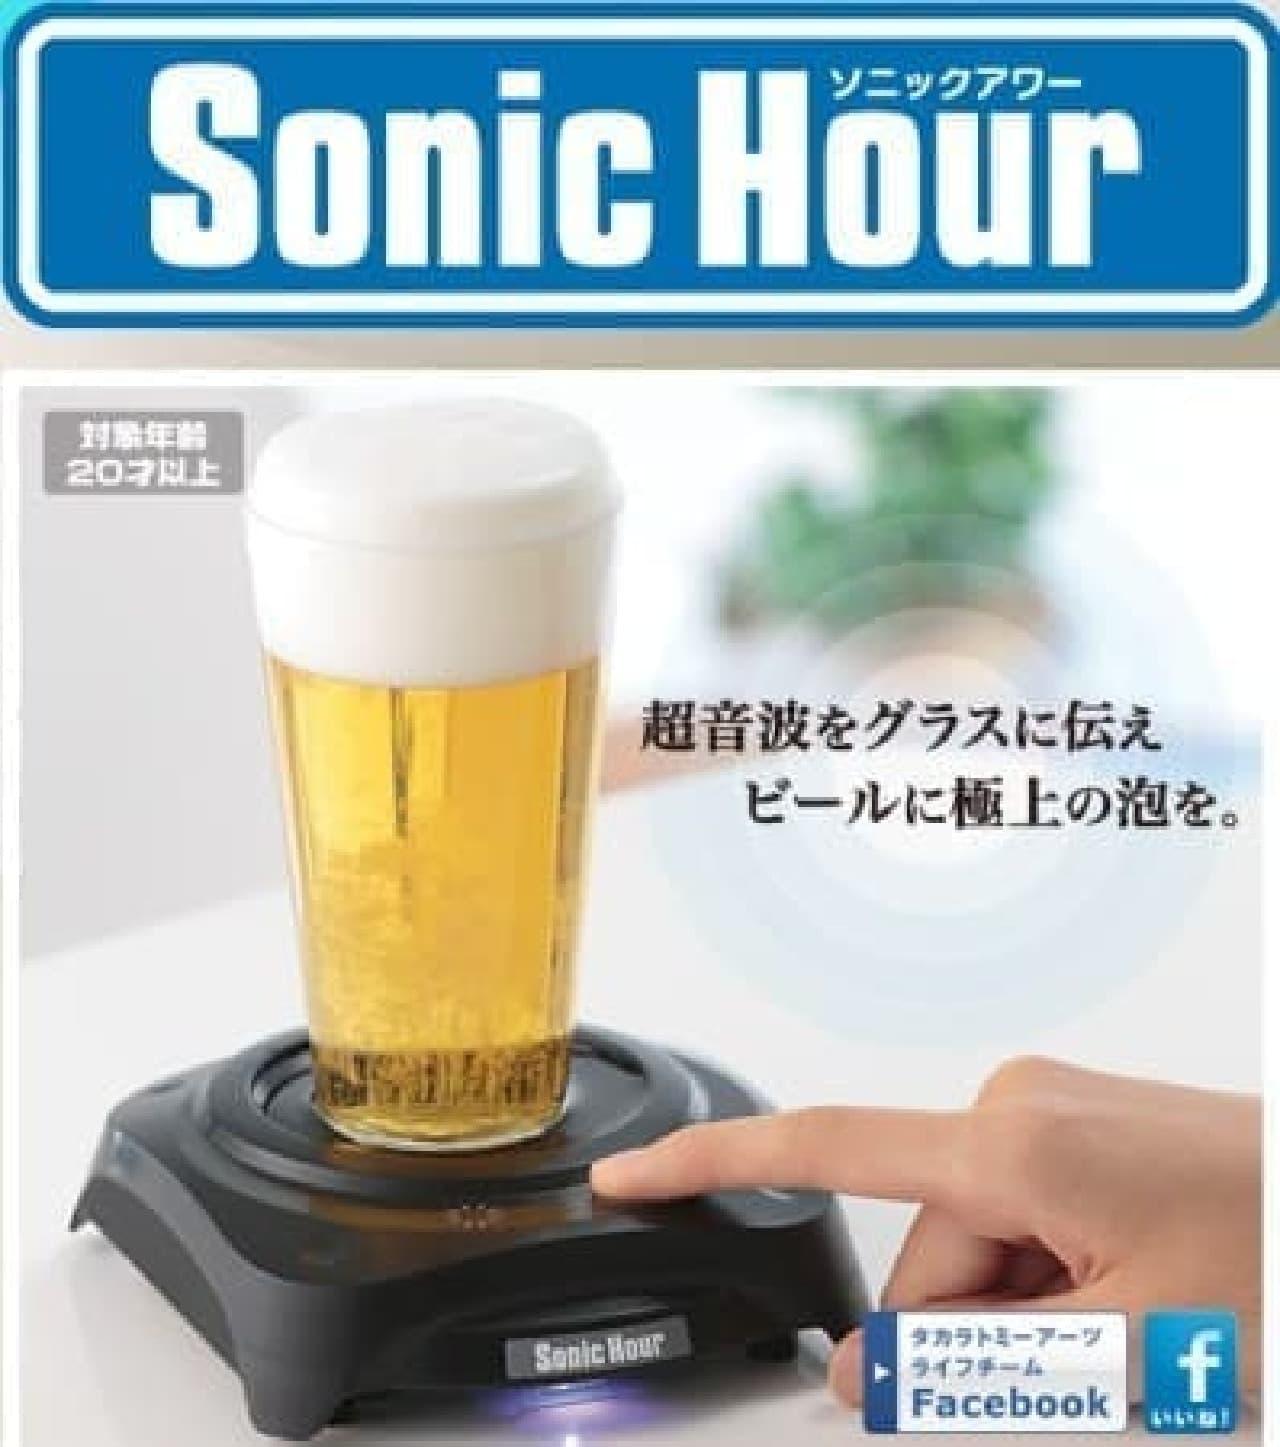 超音波の振動でビールの泡を立てるソニックアワー、4月25日に発売